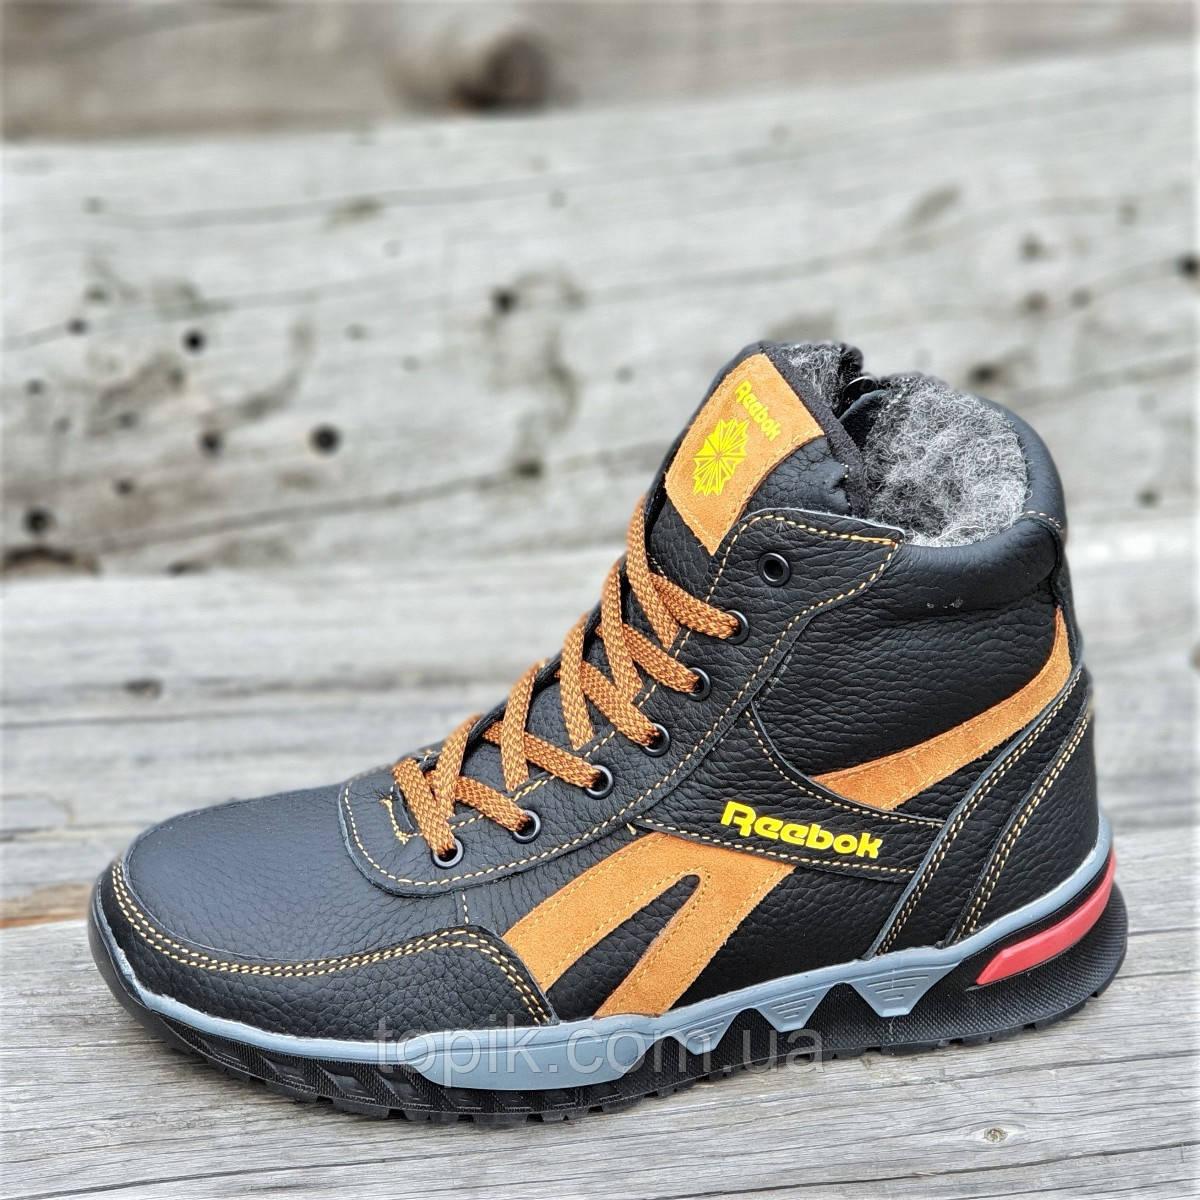 Подростковые зимние высокие кожаные кроссовки ботинки Reebok рибок реплика мужские черные мех (Код: 1256)